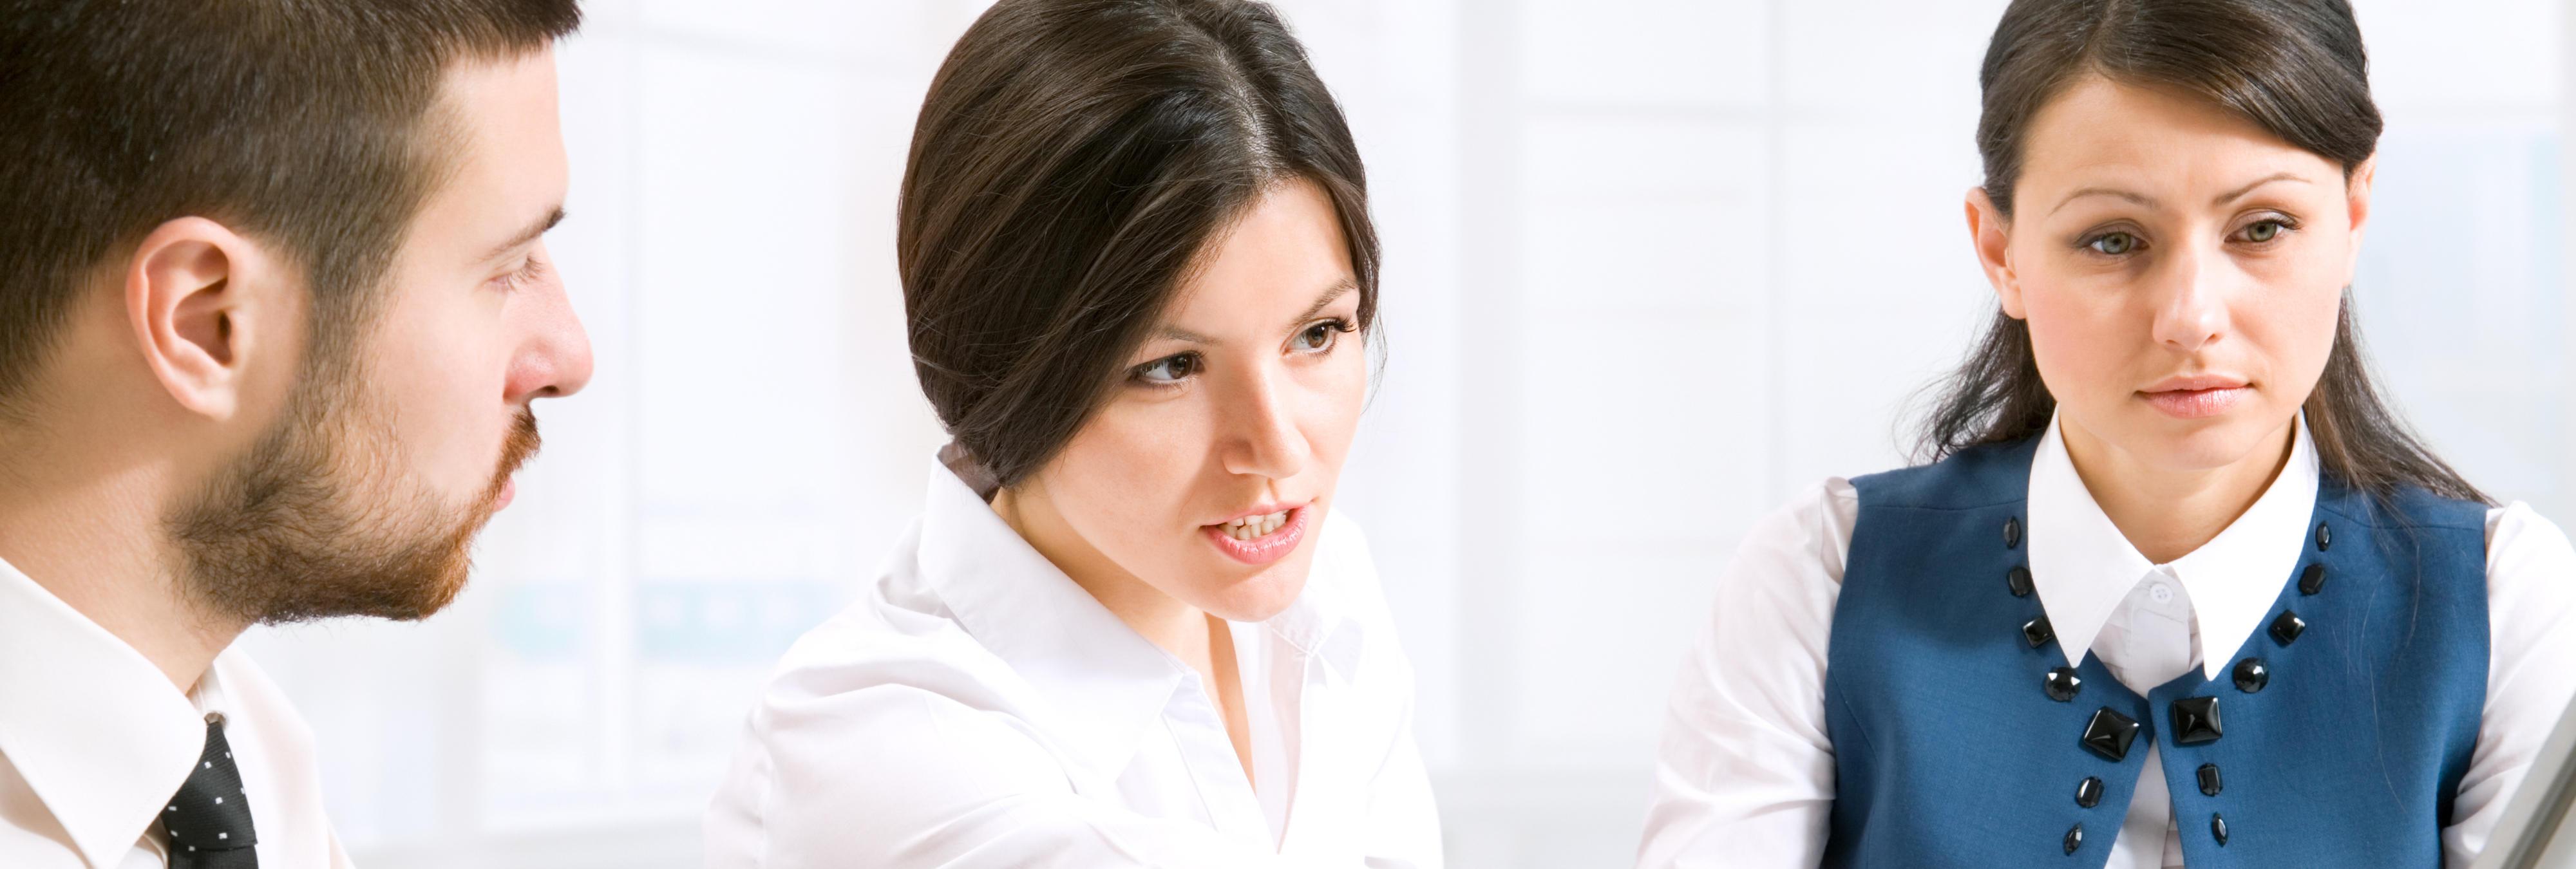 Brecha salarial en la UE: las mujeres ganan un 16% menos que los hombres